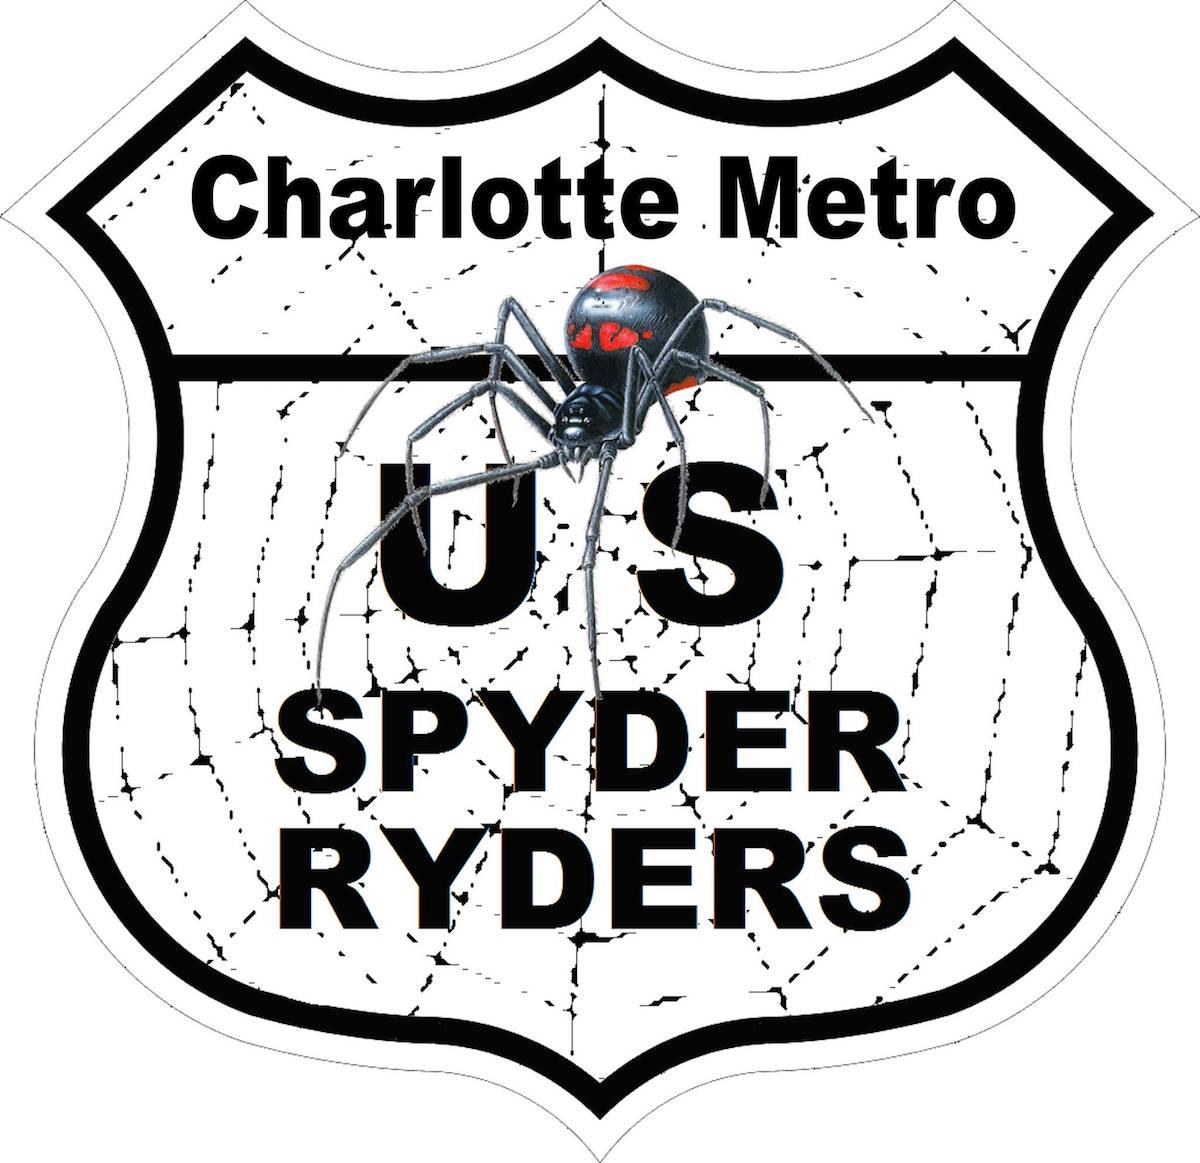 NC-CharlotteMetro.jpg